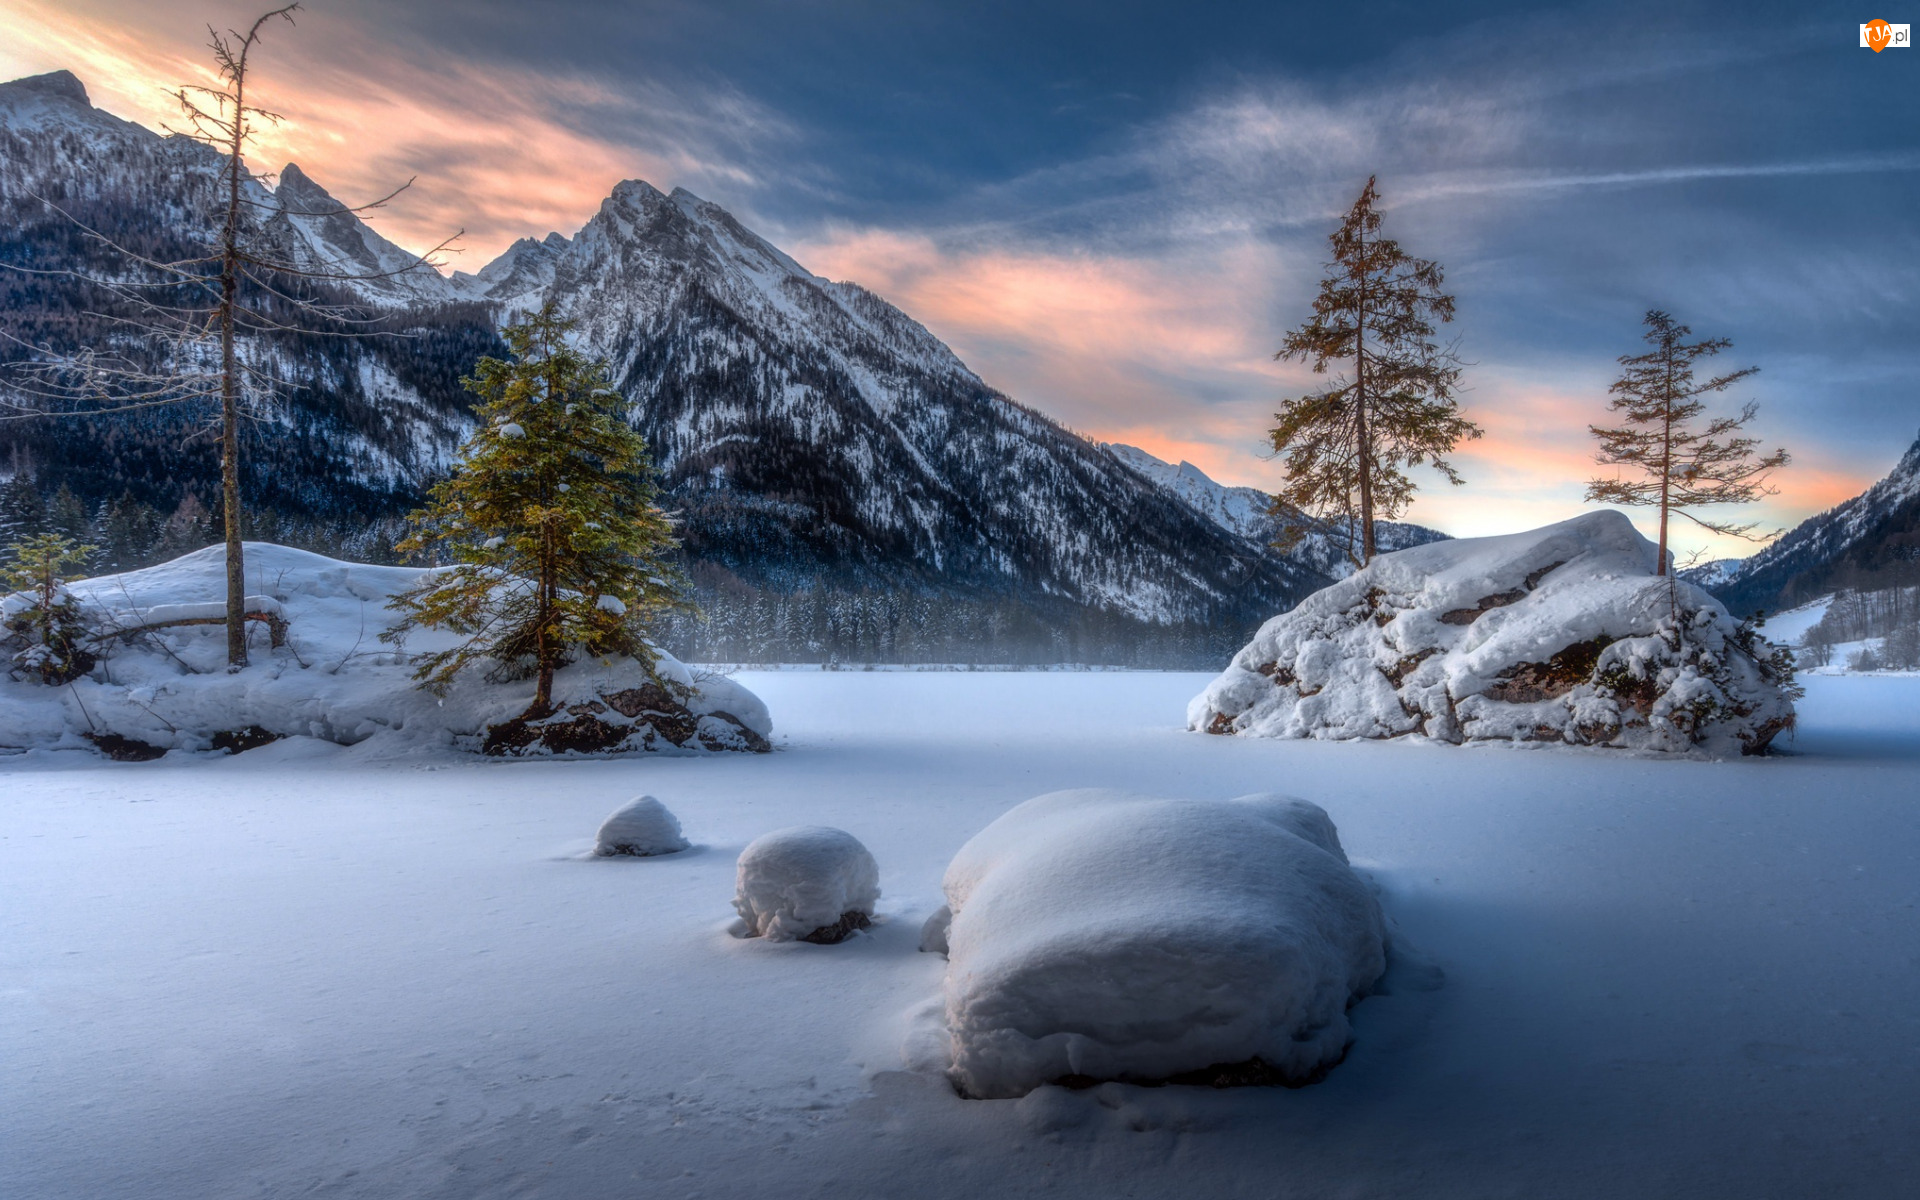 Śniegiem, Jezioro Hintersee, Bawaria, Zasypane, Niemcy, Drzewa, Góry